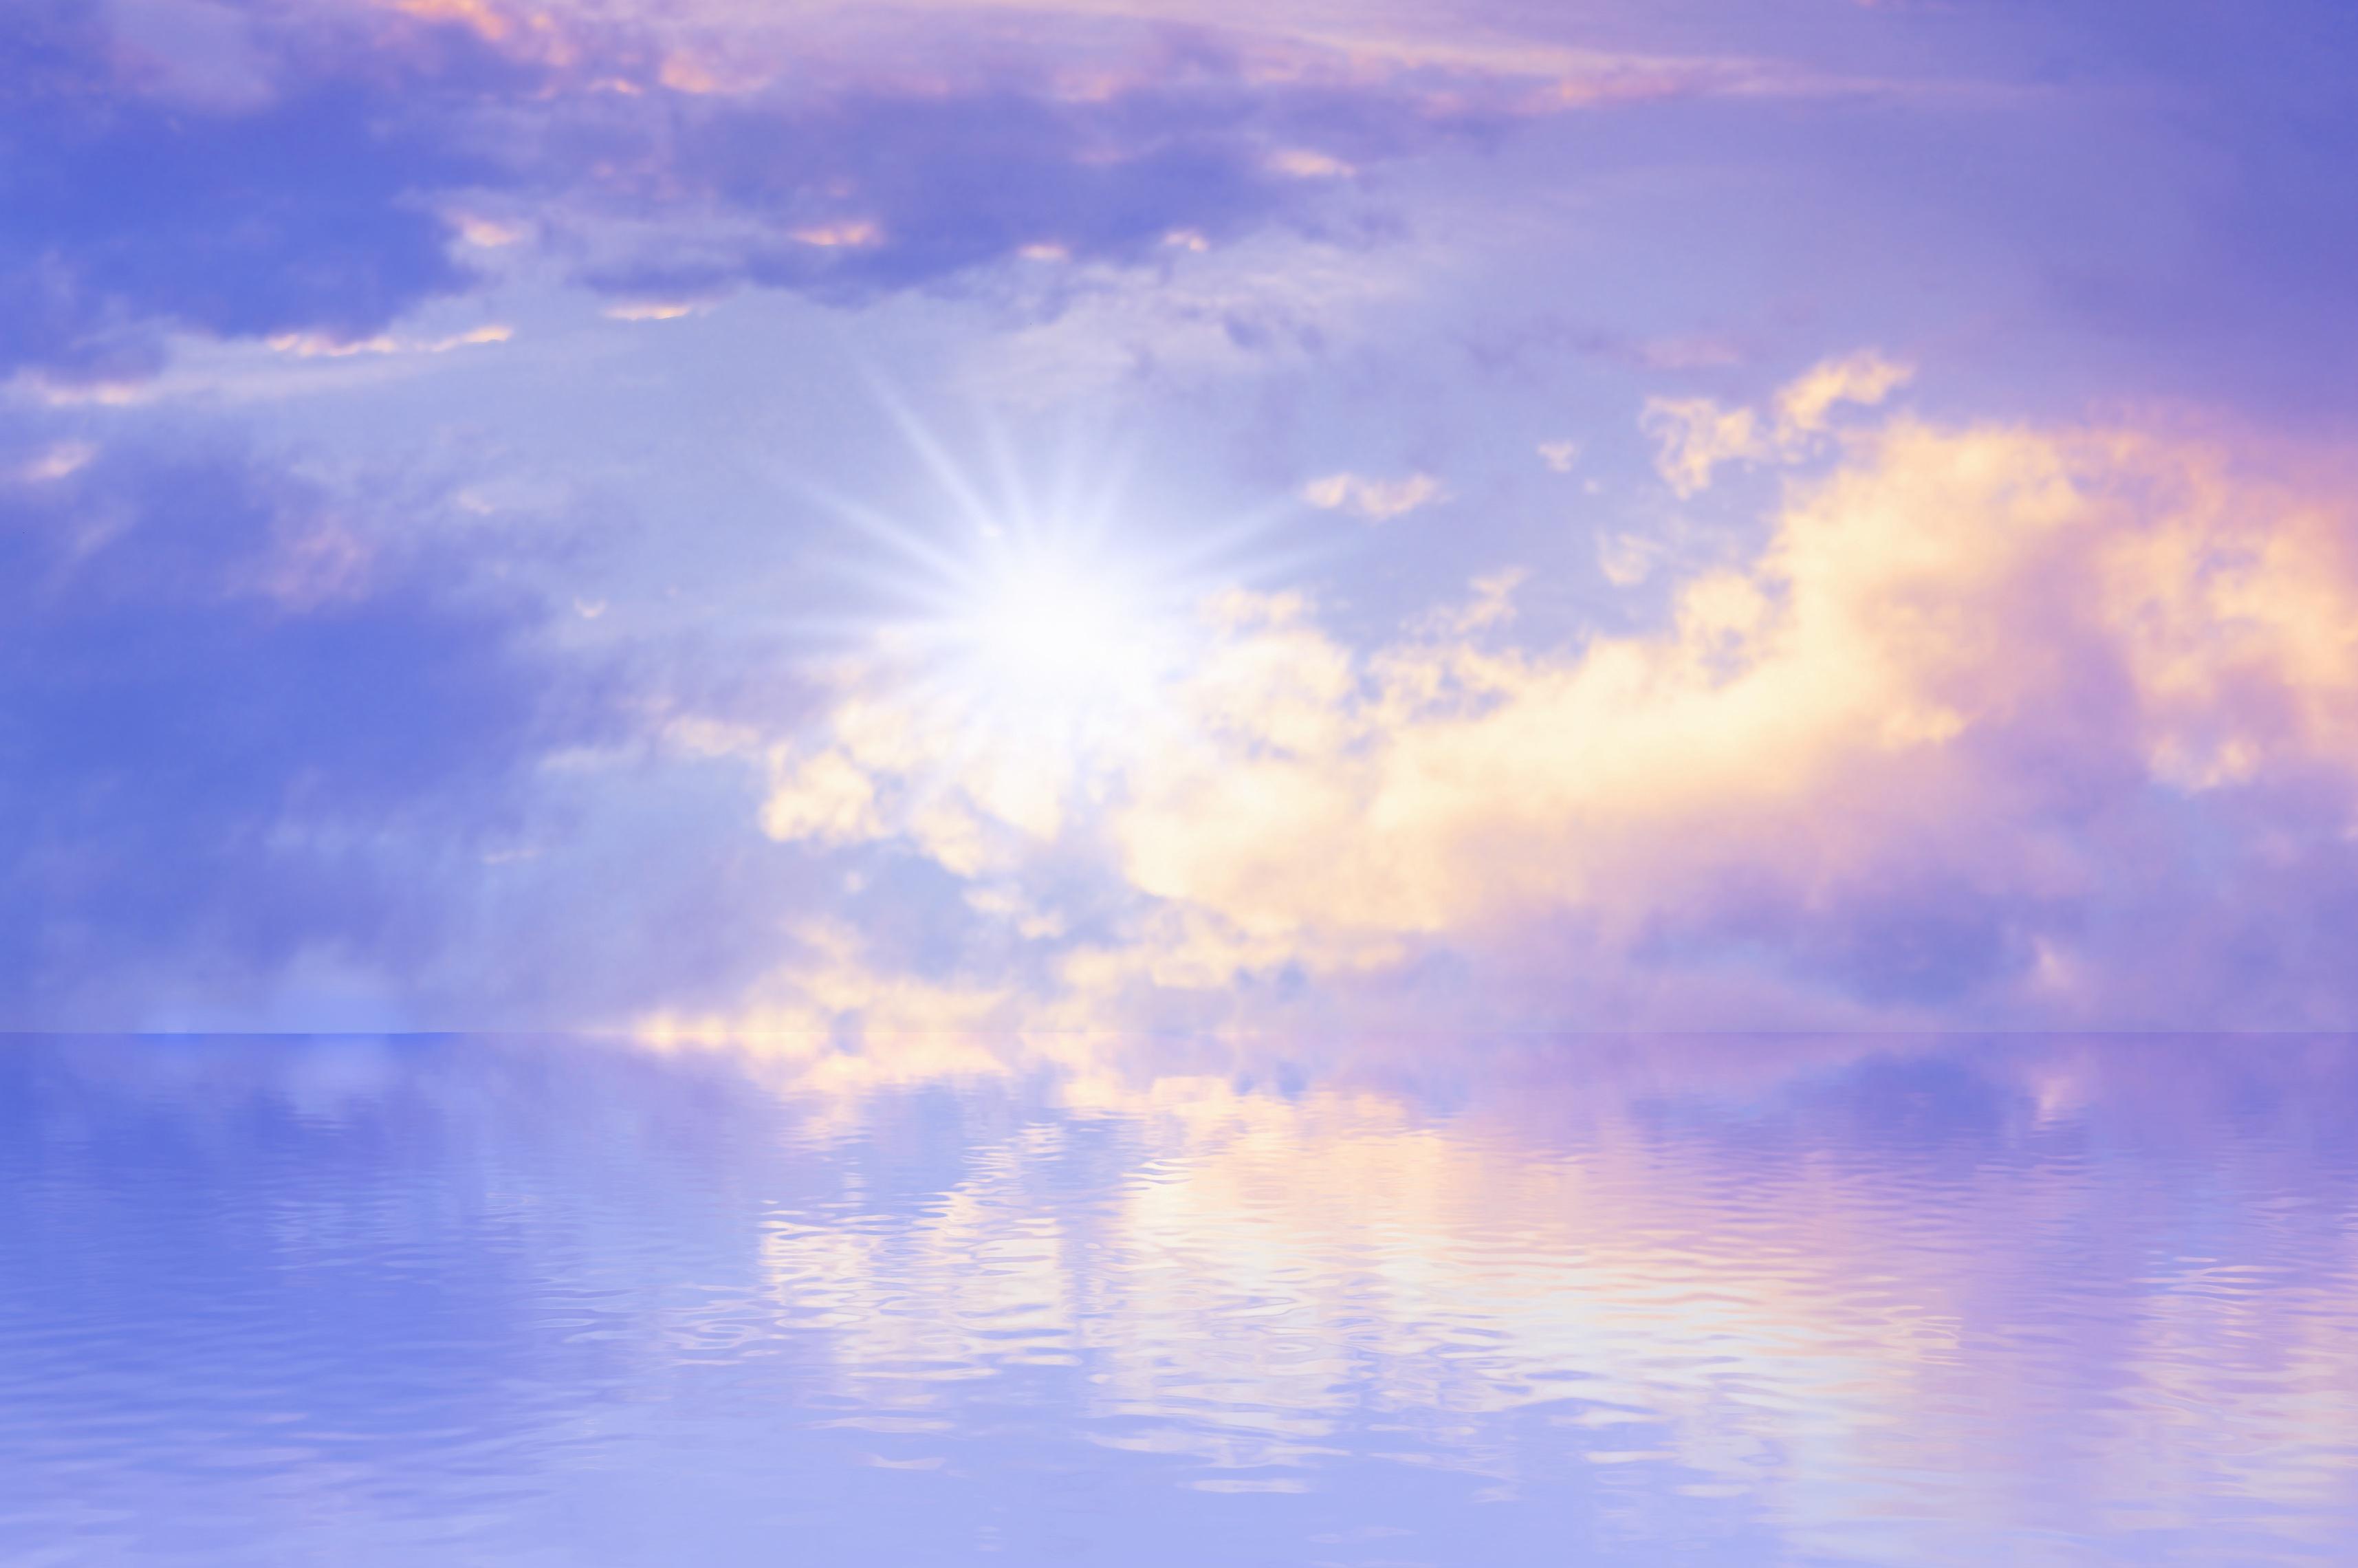 картинка для презентации солнце в небе товары всех известных